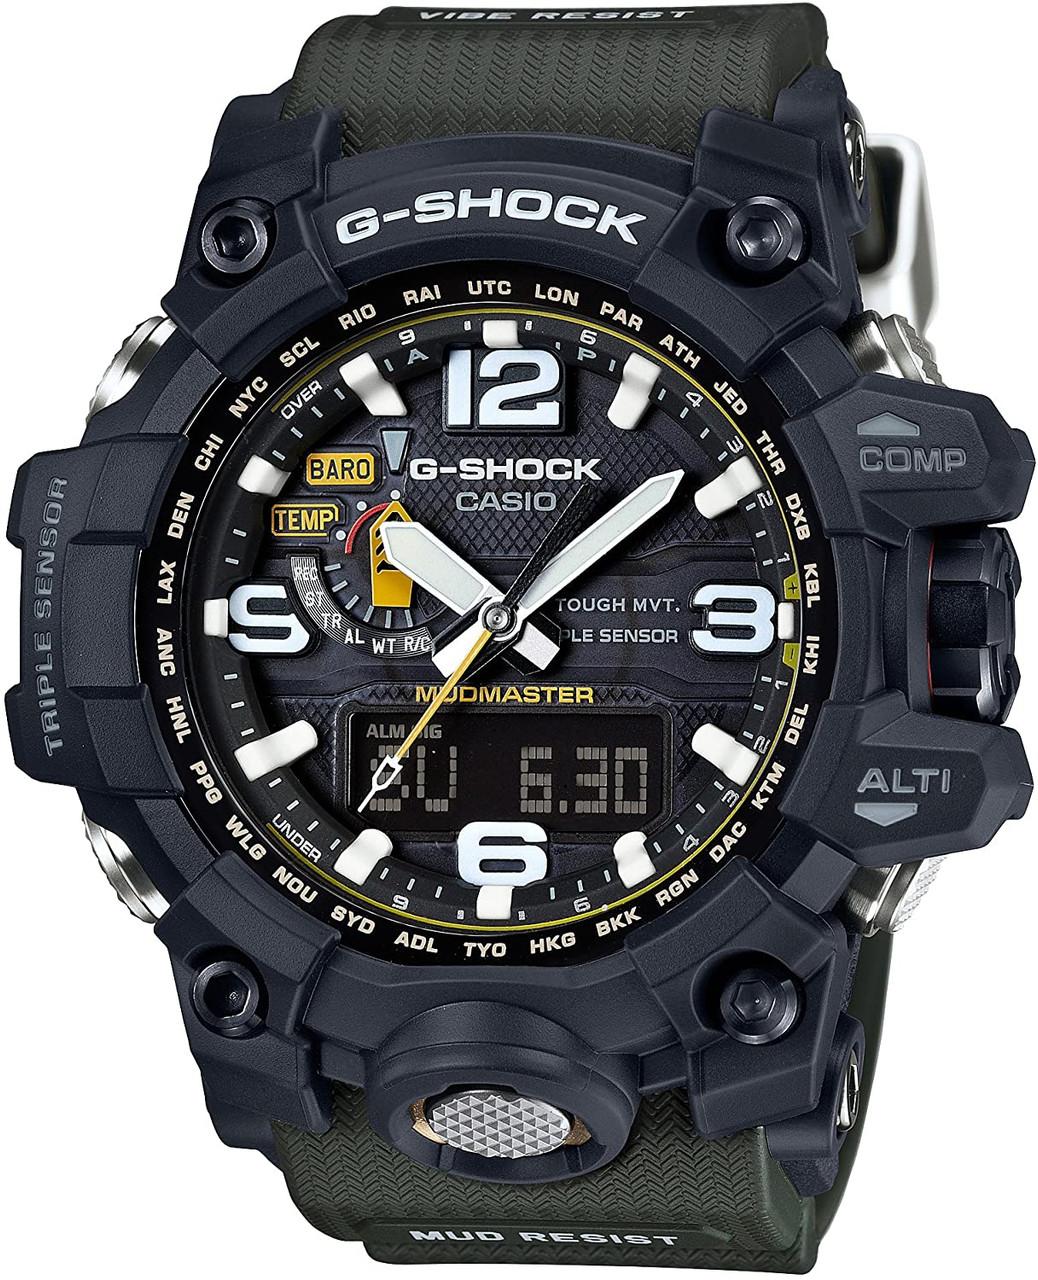 G-Shock Mudmaster GWG-1000-1A3JF